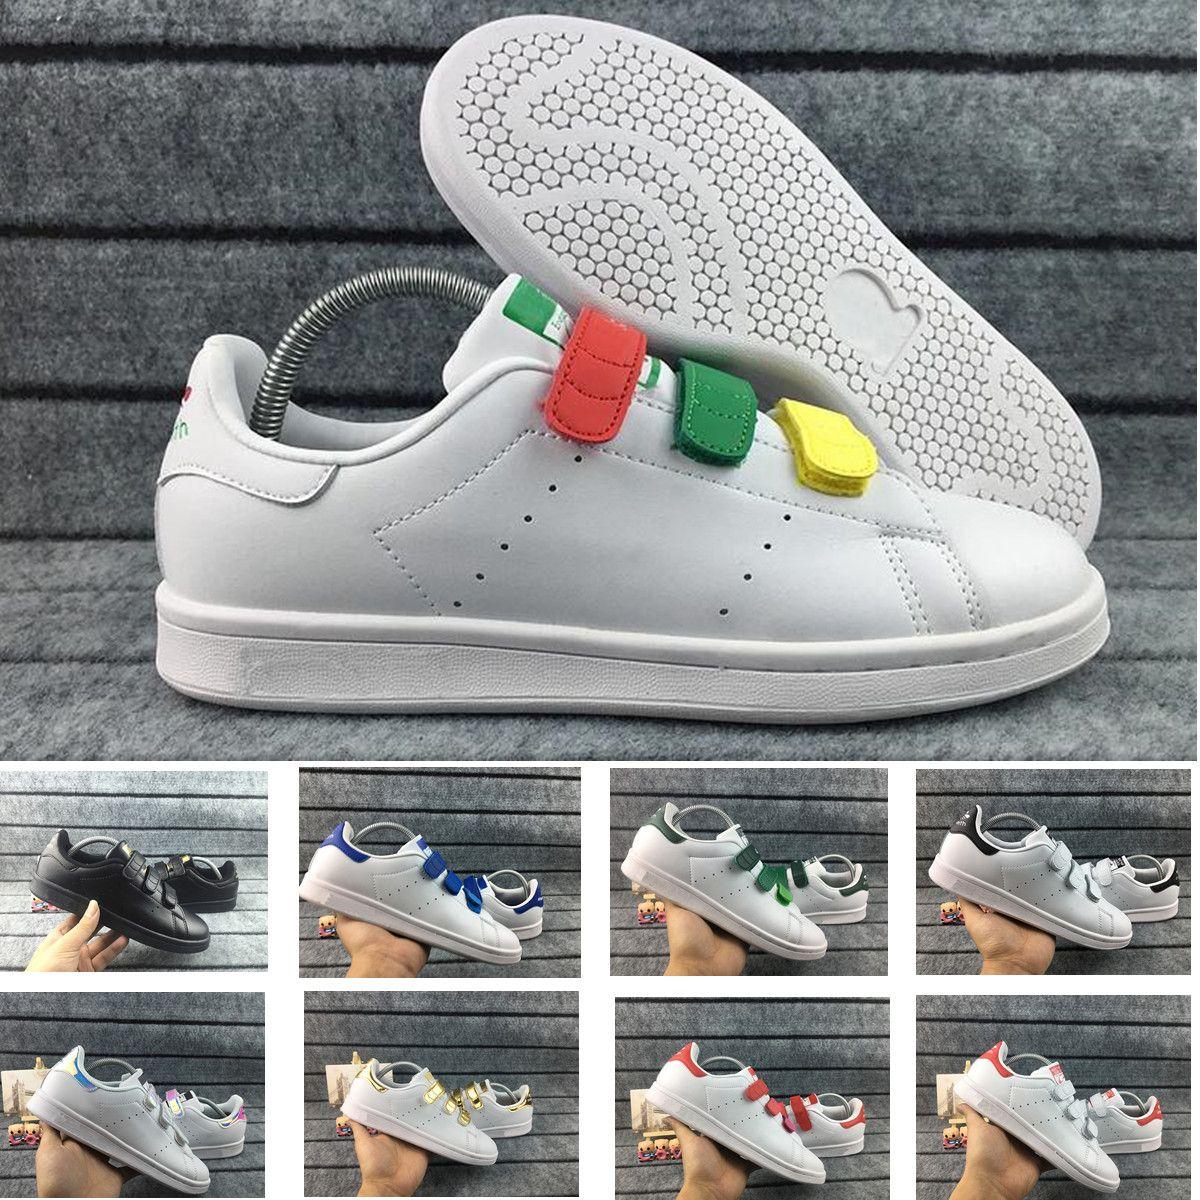 new concept 753e5 81a71 Compre 2018 Lovers Stan Smith Hombre Mujer Zapatos Zapatos Clásicos Alta  Calidad HOOk LOOP Hebilla Scarpe Semáforo Rosa Casual Cuero Zapatillas  Deportivas A ...